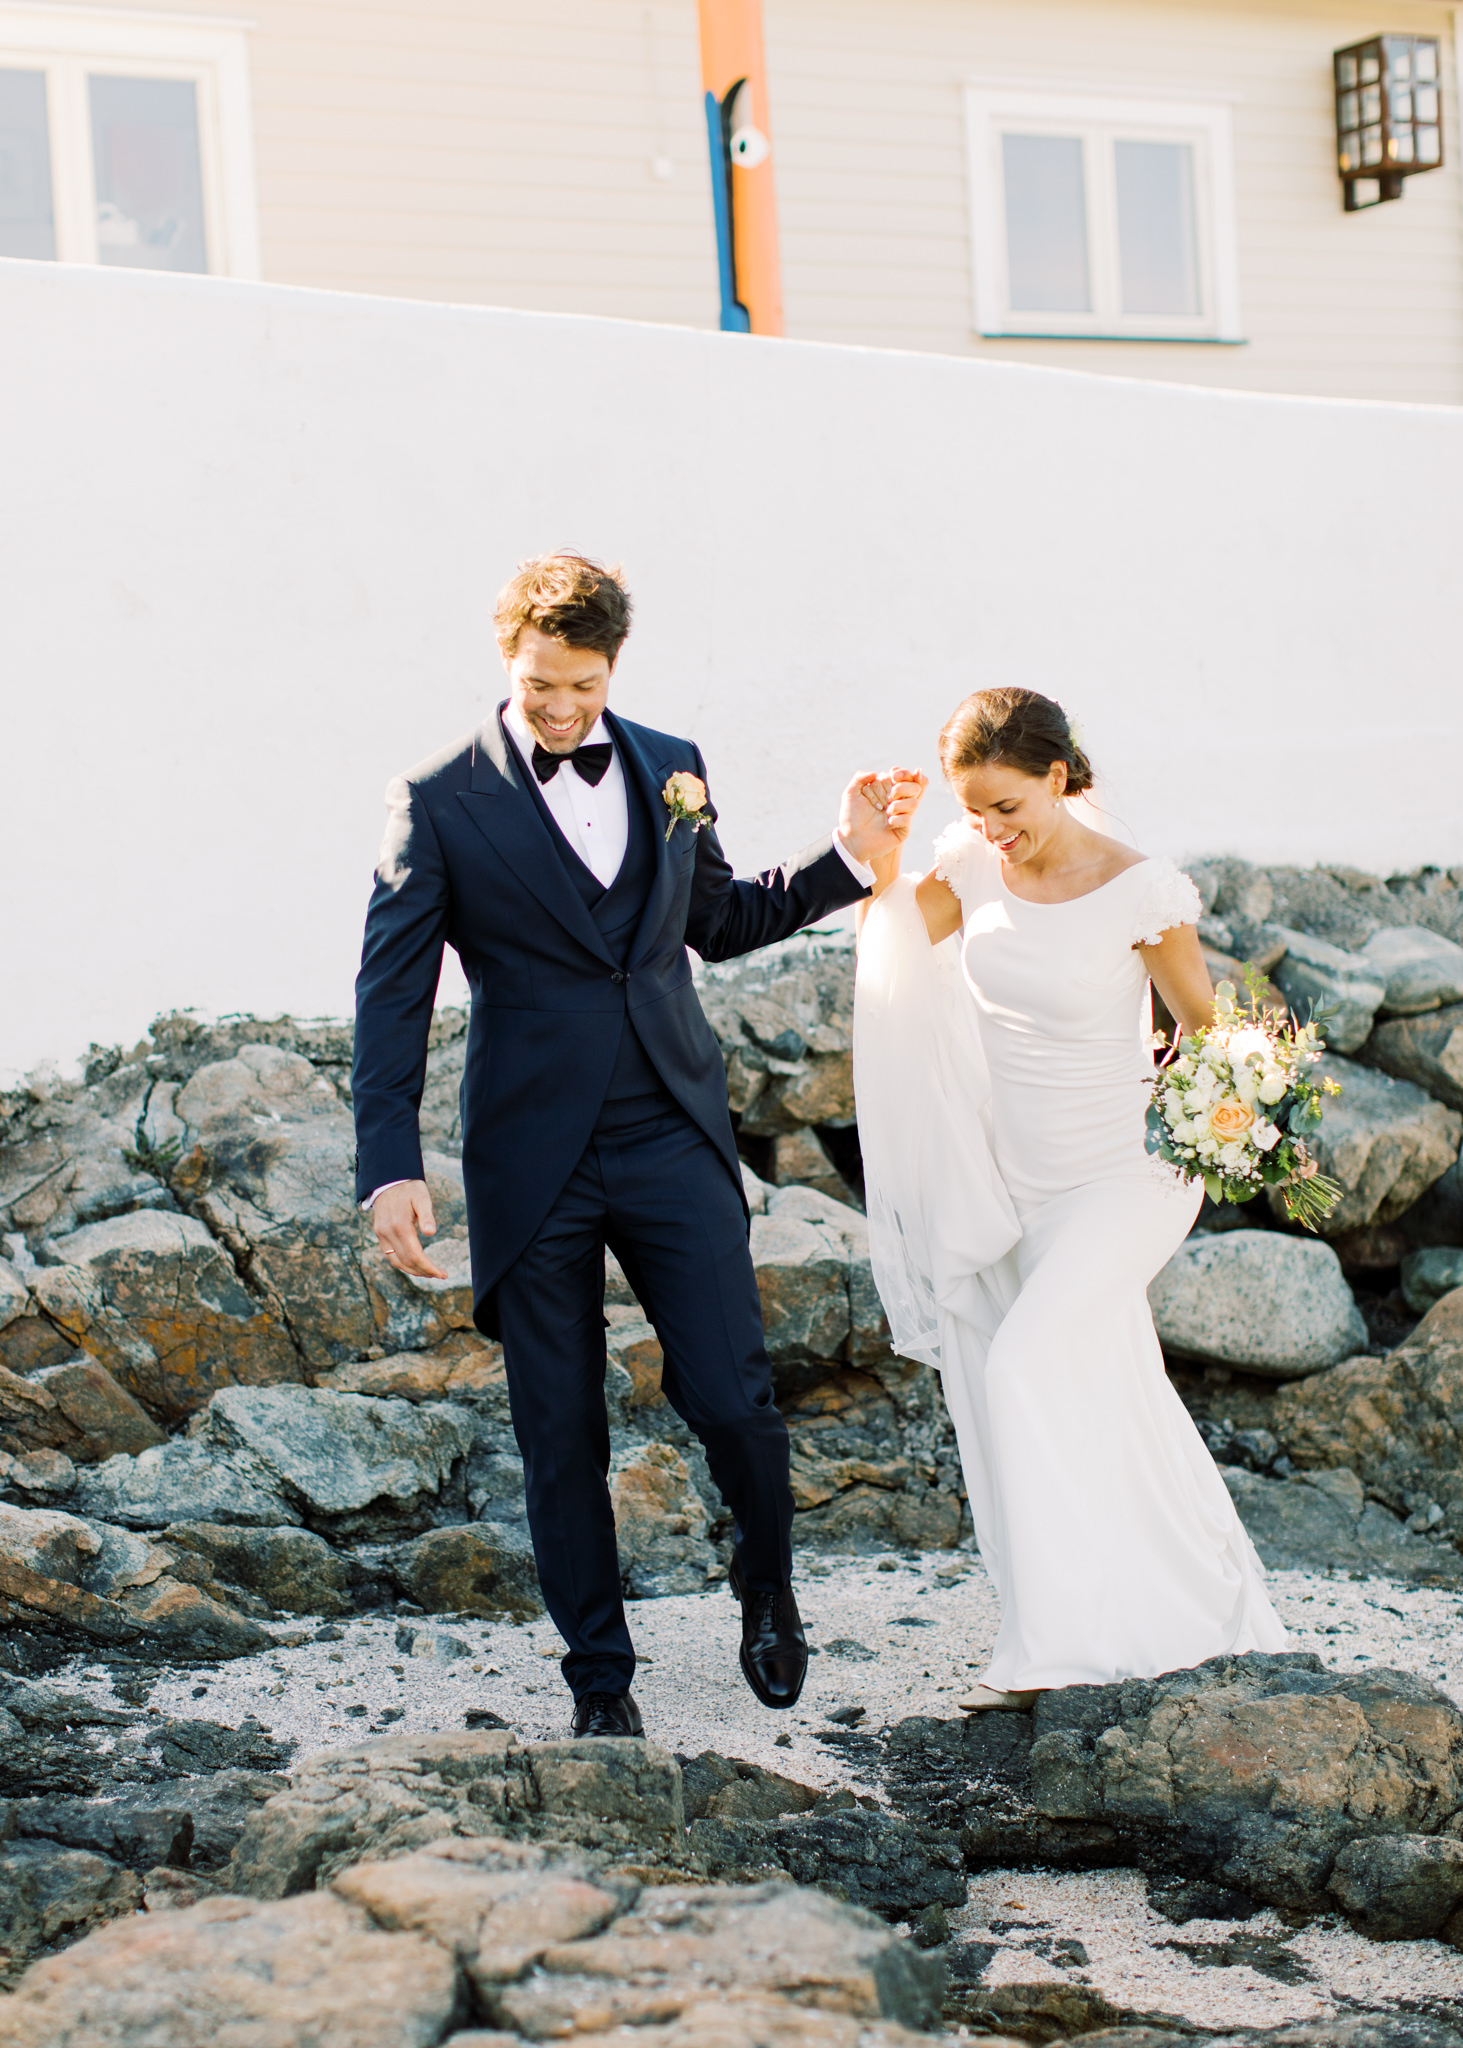 brudepar-bryllupsbilde-villa-malla-bryllup-3.jpg